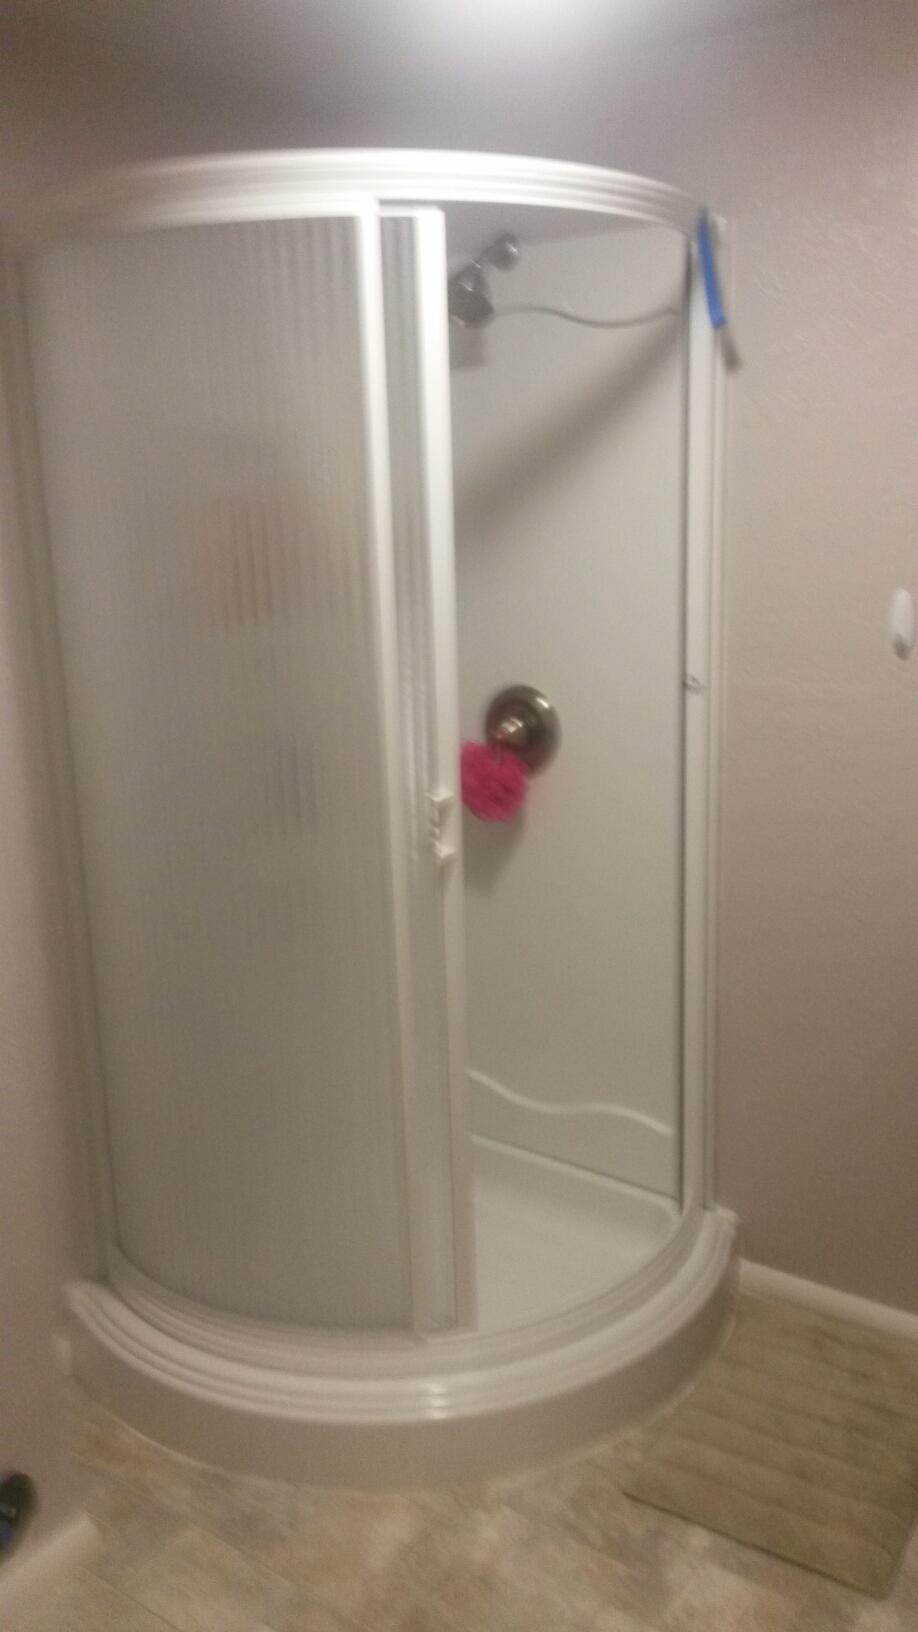 Ogden, UT - New corner shower installed after water damage in the basement bathroom.